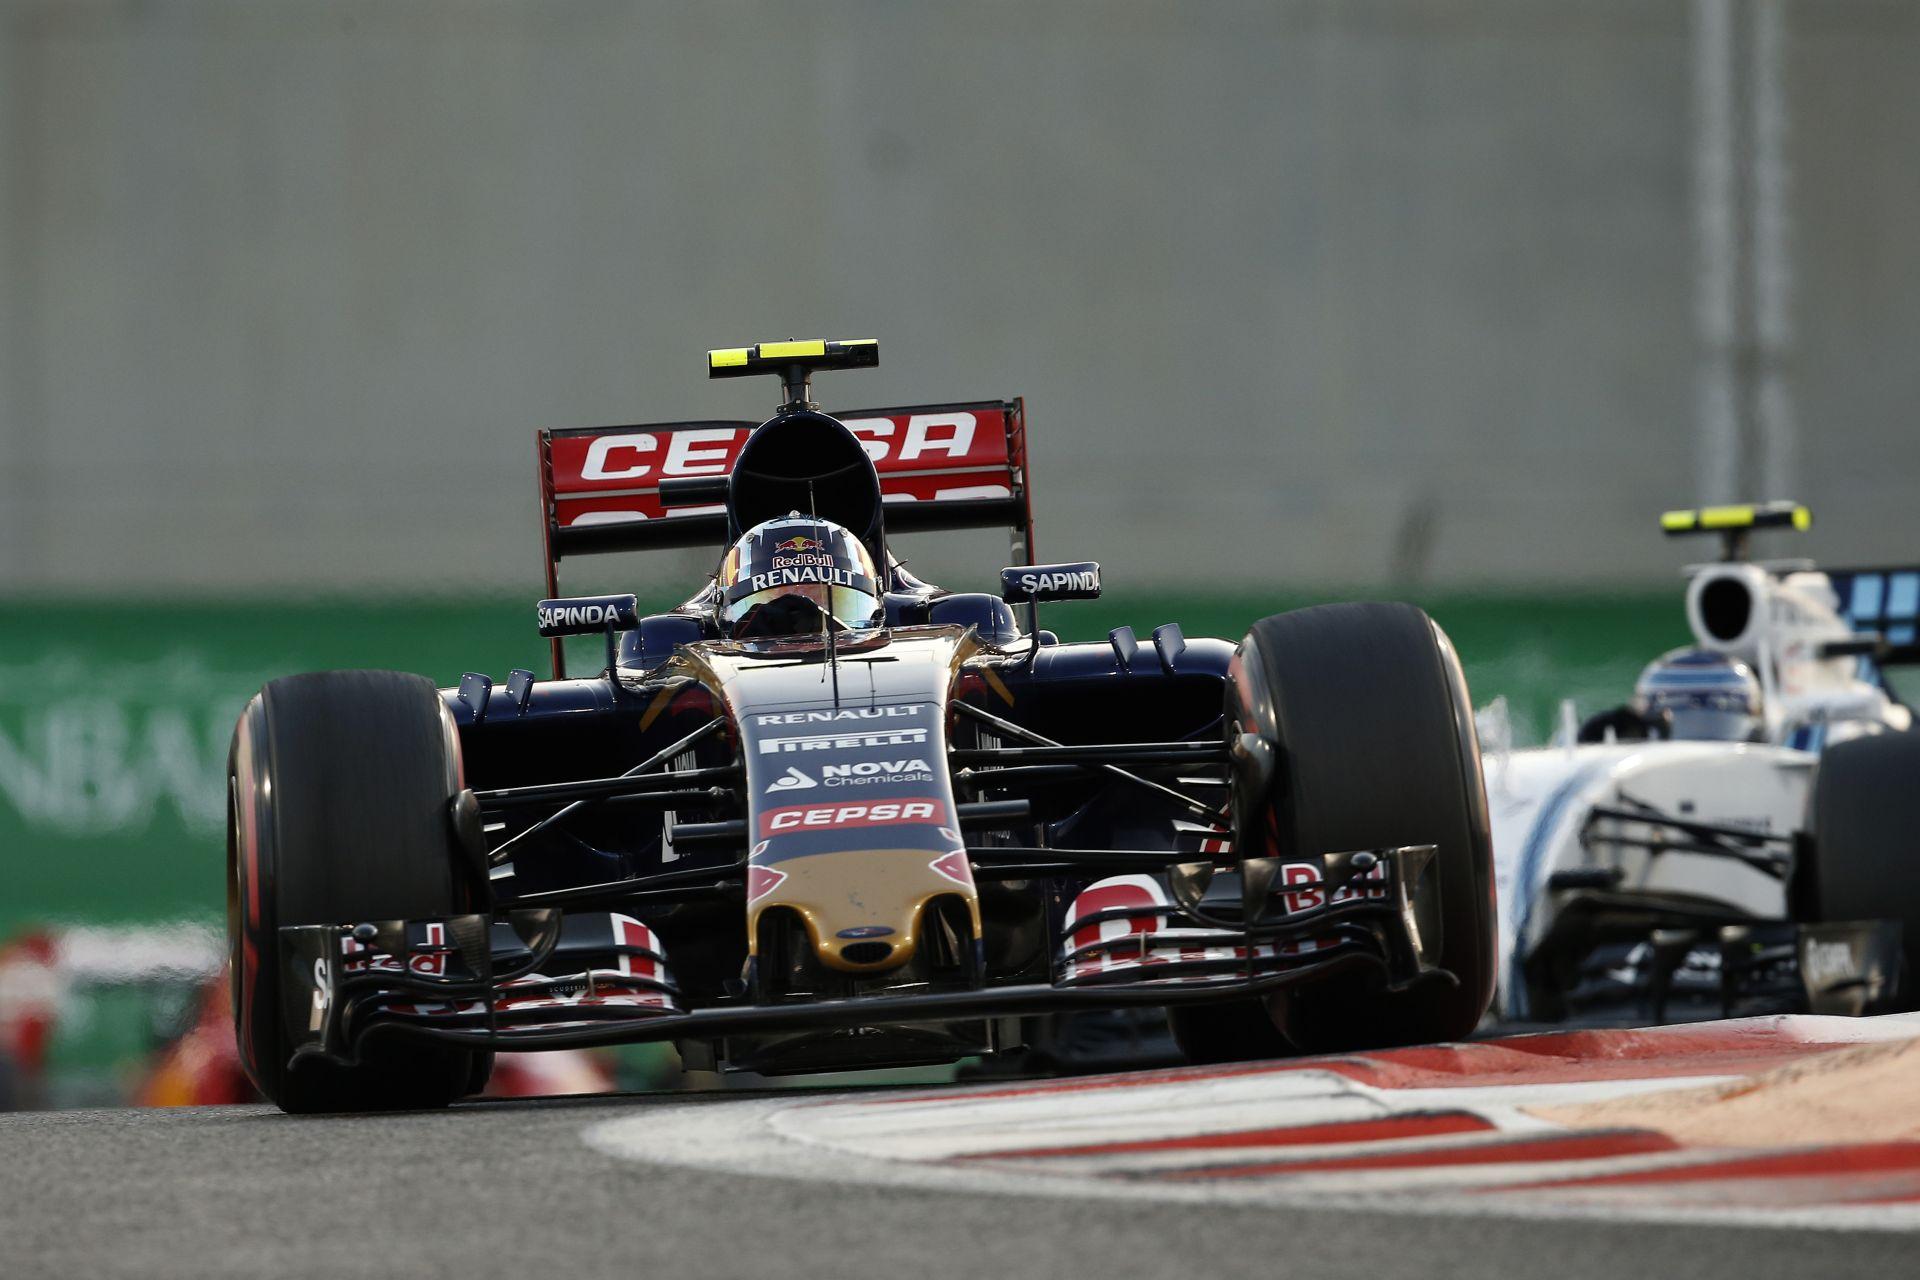 Verstappen fájdalmas futammal zárta a szezont, míg Sainz örül, hogy kihozta az autóból a maximumot!